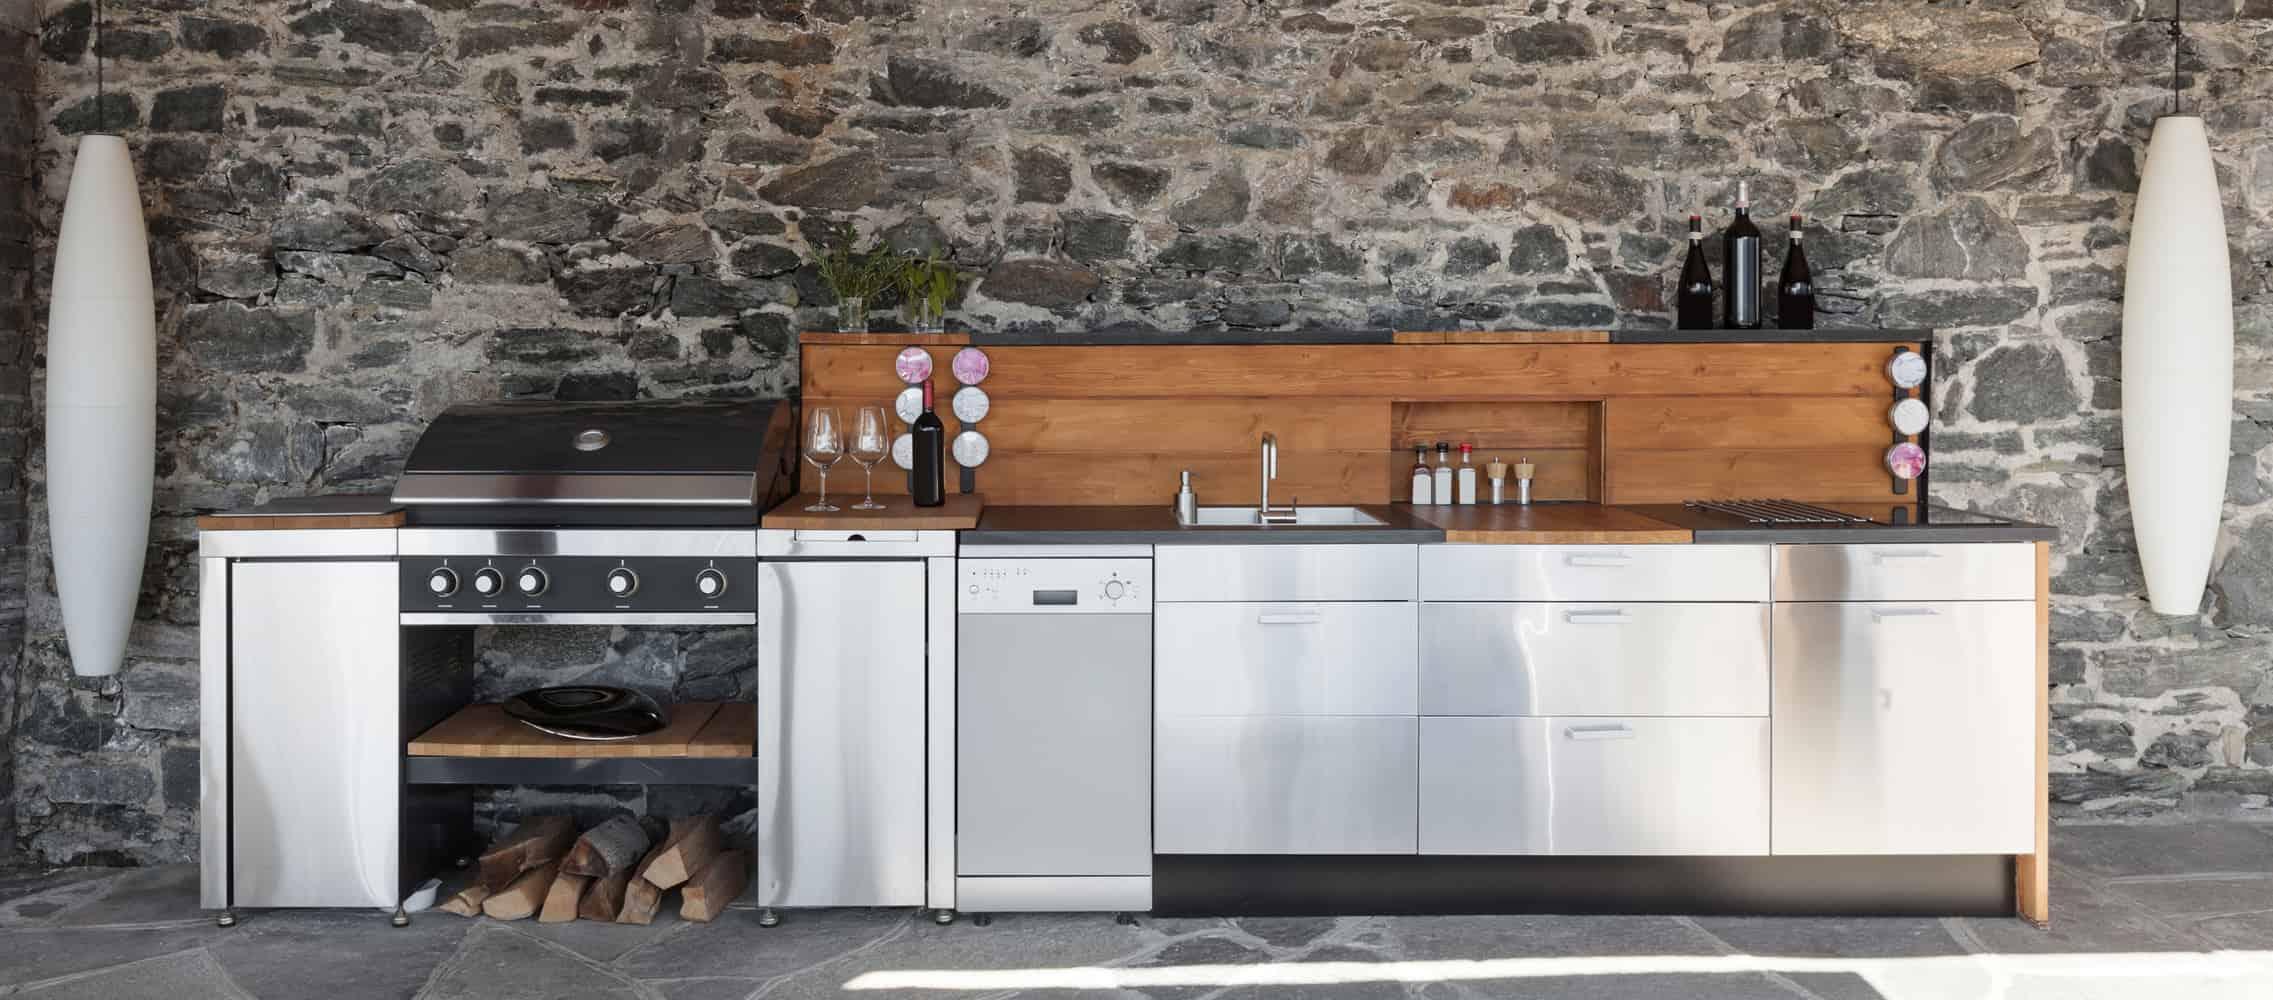 Outdoor Küche Planung & Einbau